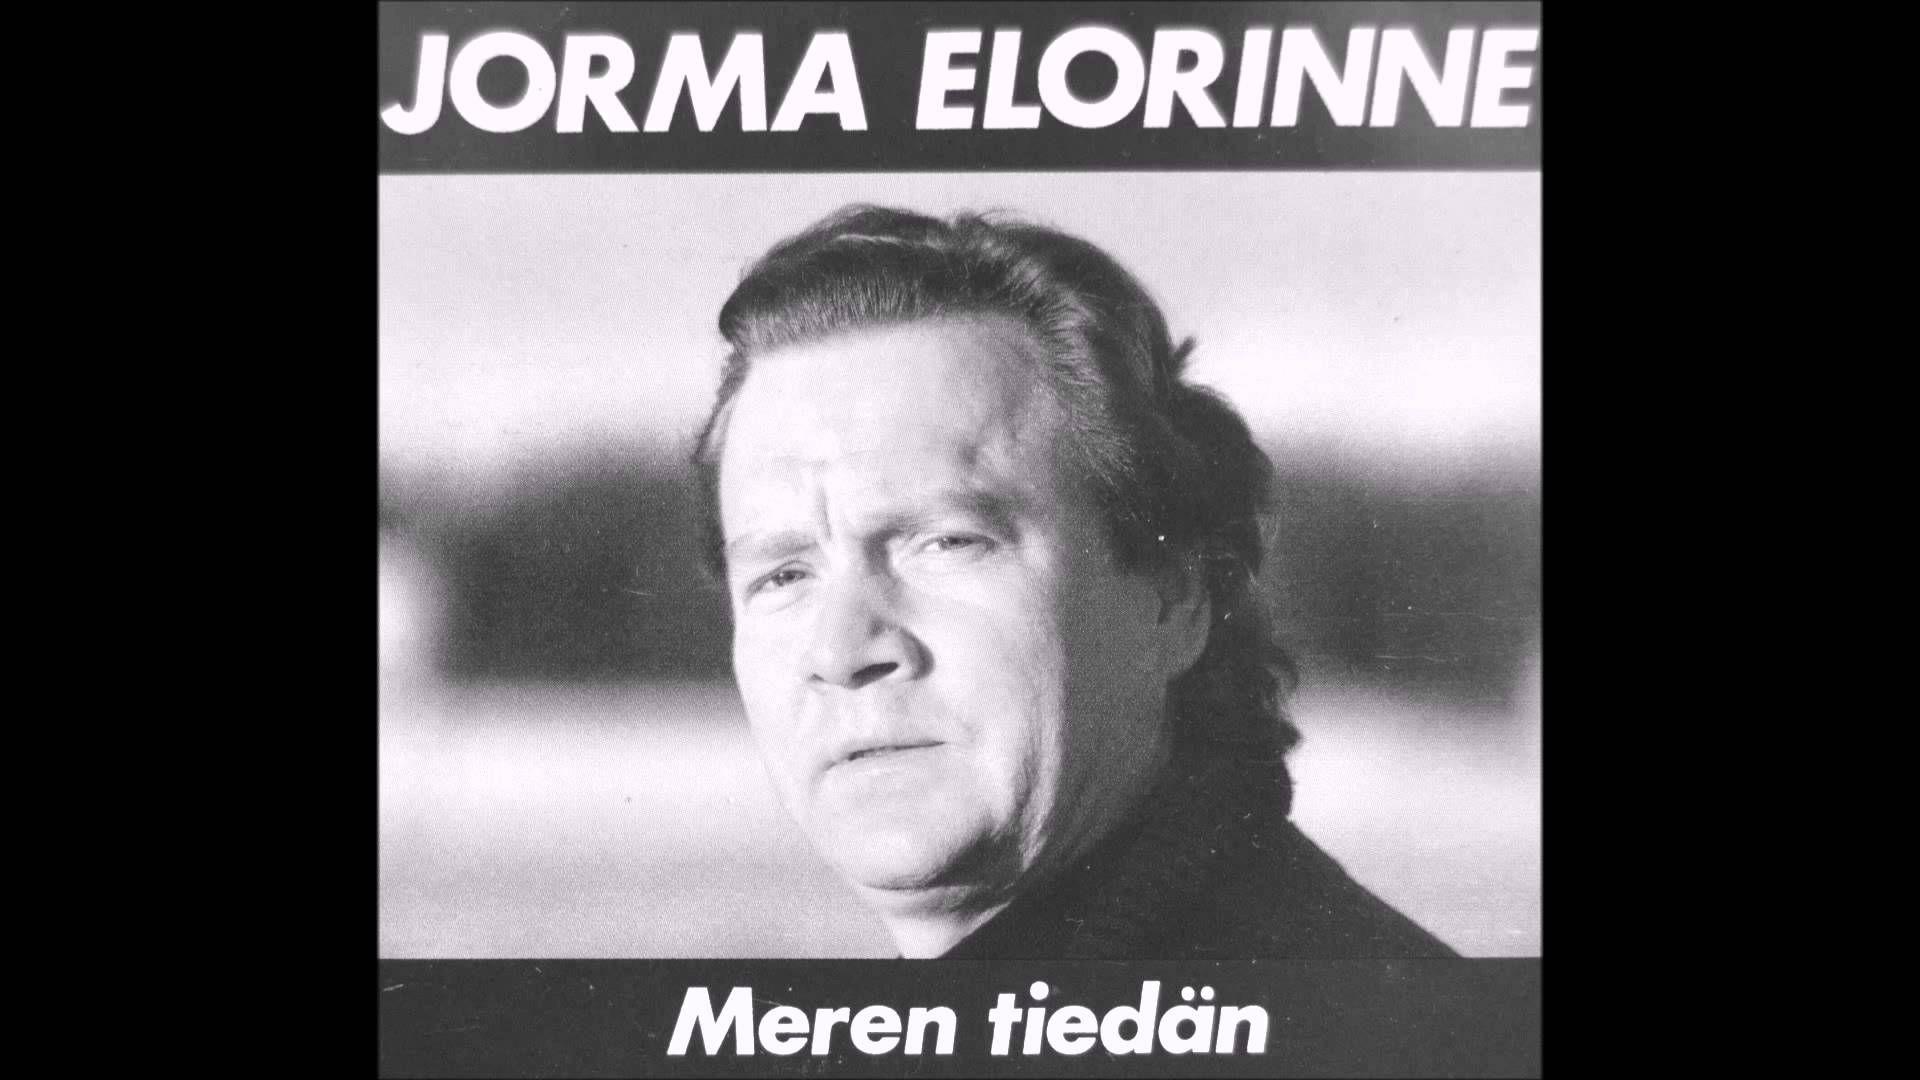 Jorma Elorinne - Kristallivirta - CD Meren tiedän 1988